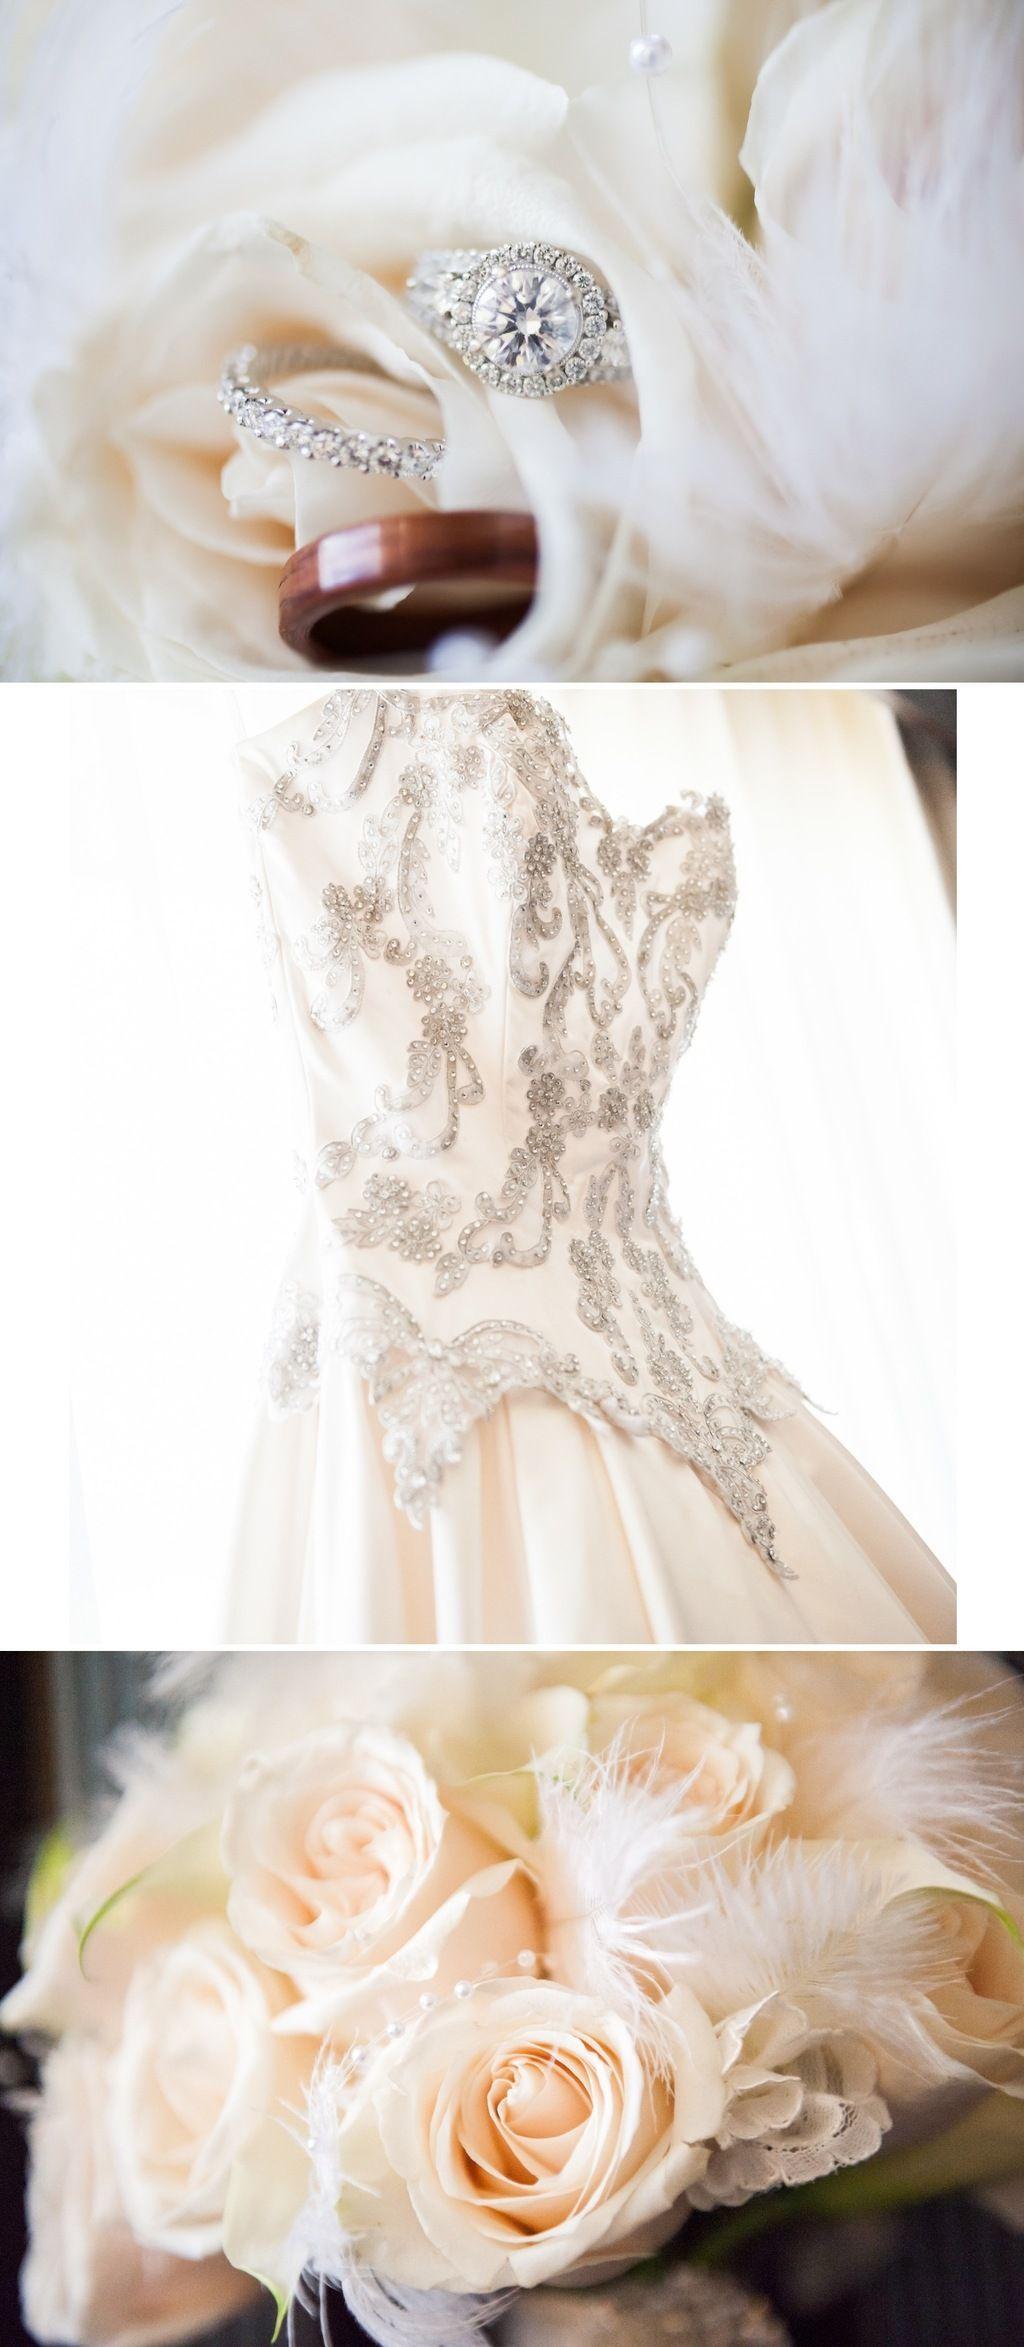 vintage beaded wedding dresses | Vintage-inspired-wedding-in-los-angeles-classic-beaded-wedding-dress-3 ...